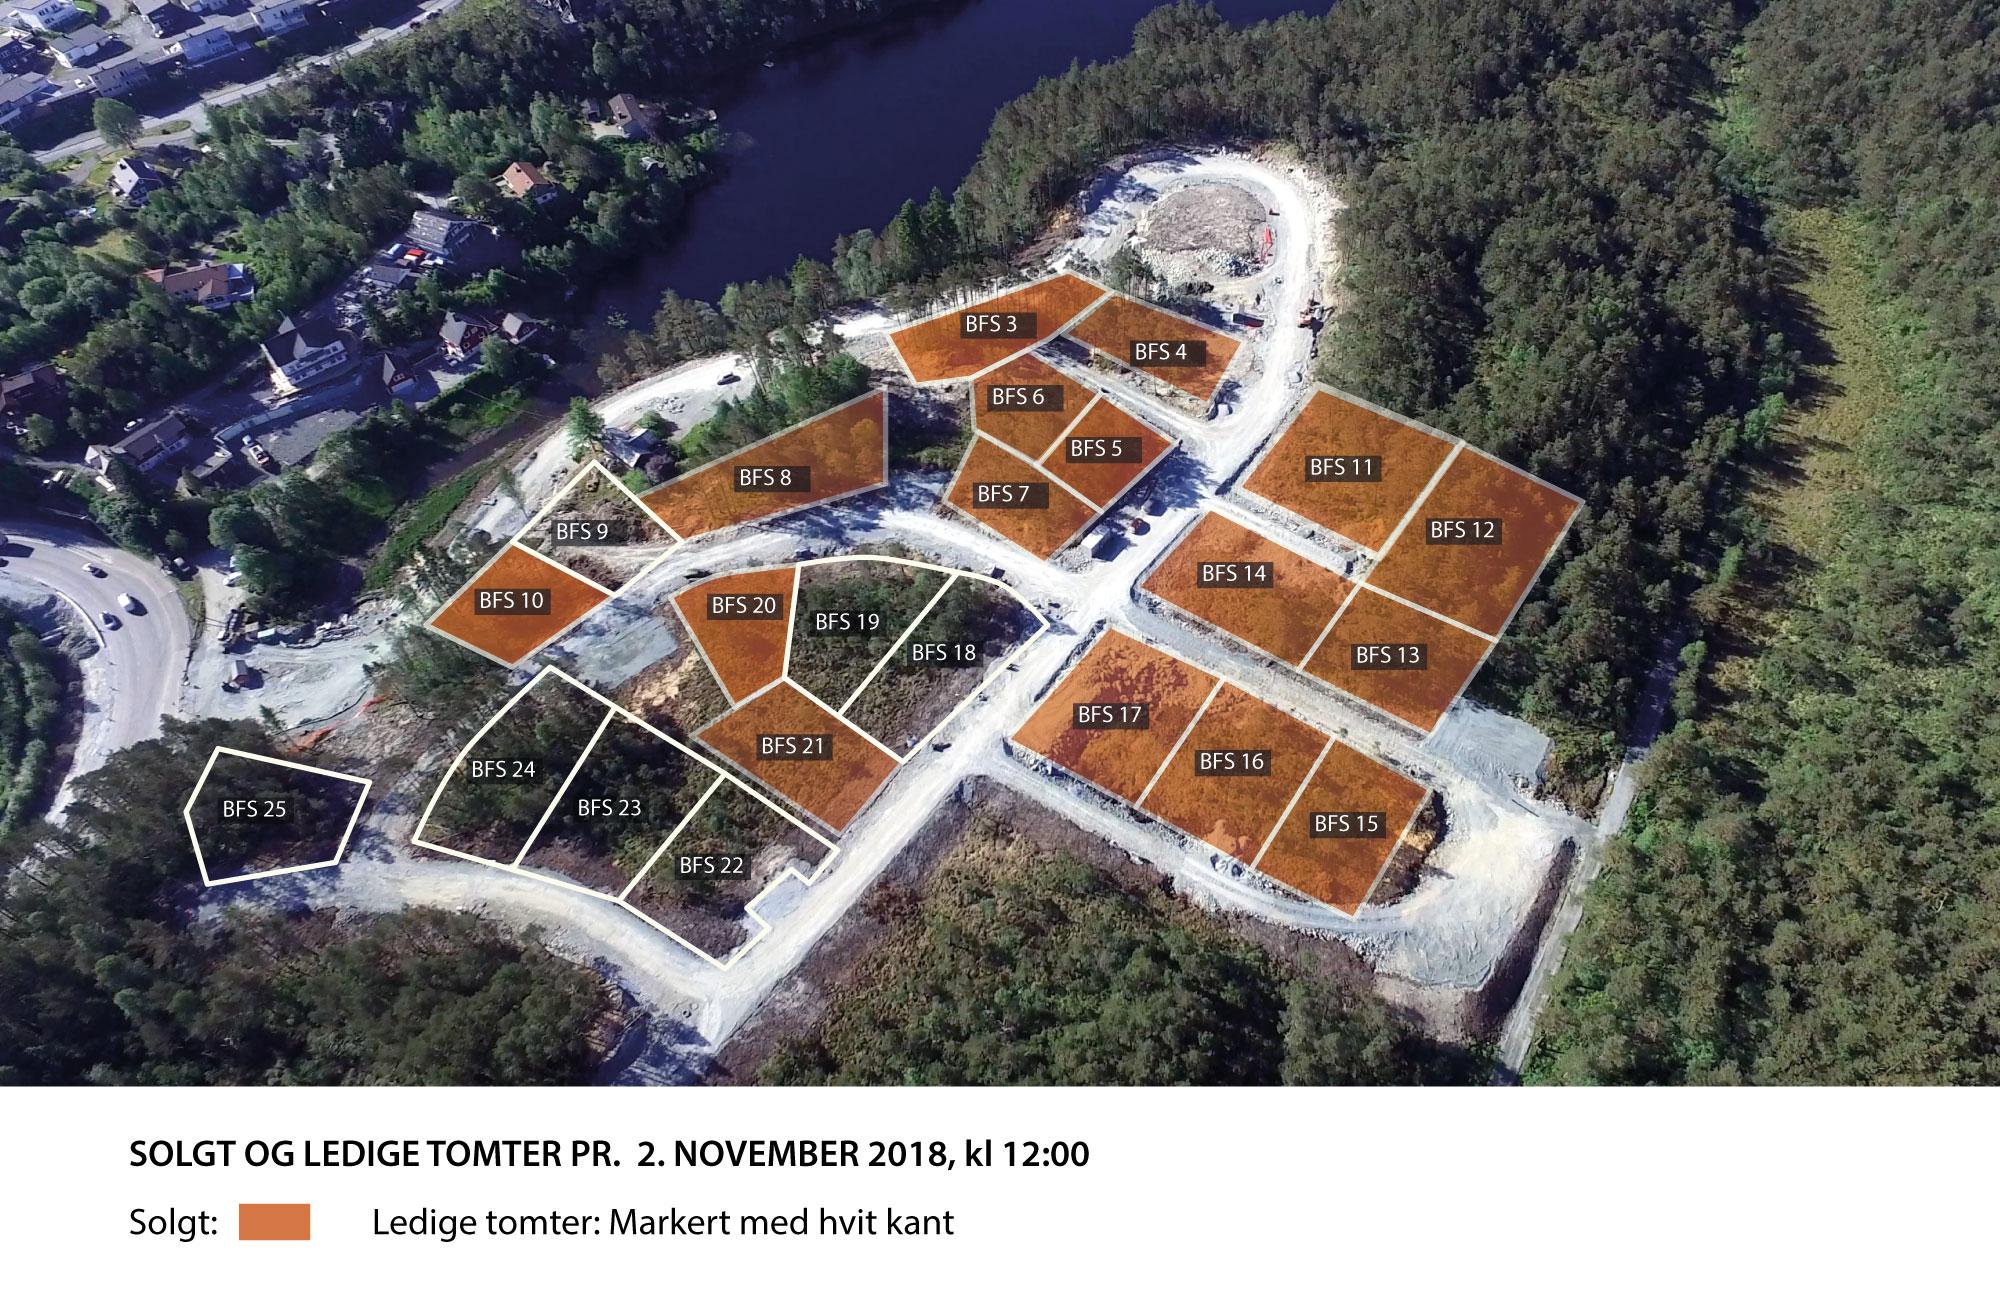 16 Tomter er solgt, men fortsatt 7 ledige tomter i dette flotte tomteområdet.